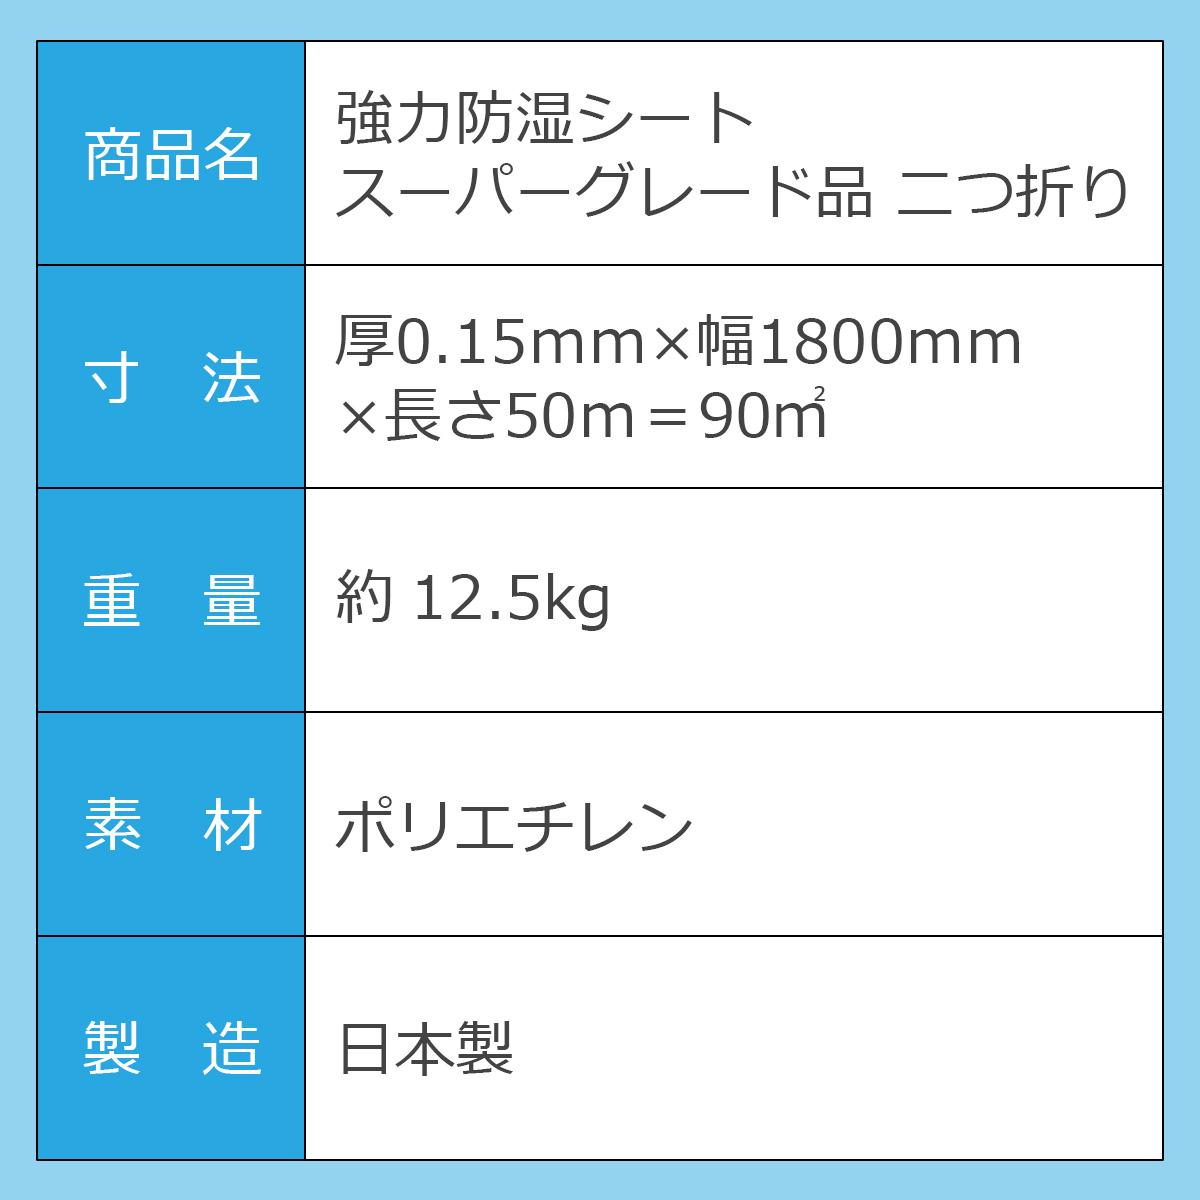 商品名:強力防湿シート スーパーグレード品 二つ折り 寸法:厚0.15ミリ×幅1800ミリ×長さ50メートル=90平方メートル 重量:約12.5kg 素材:ポリエチレン 製造:日本製